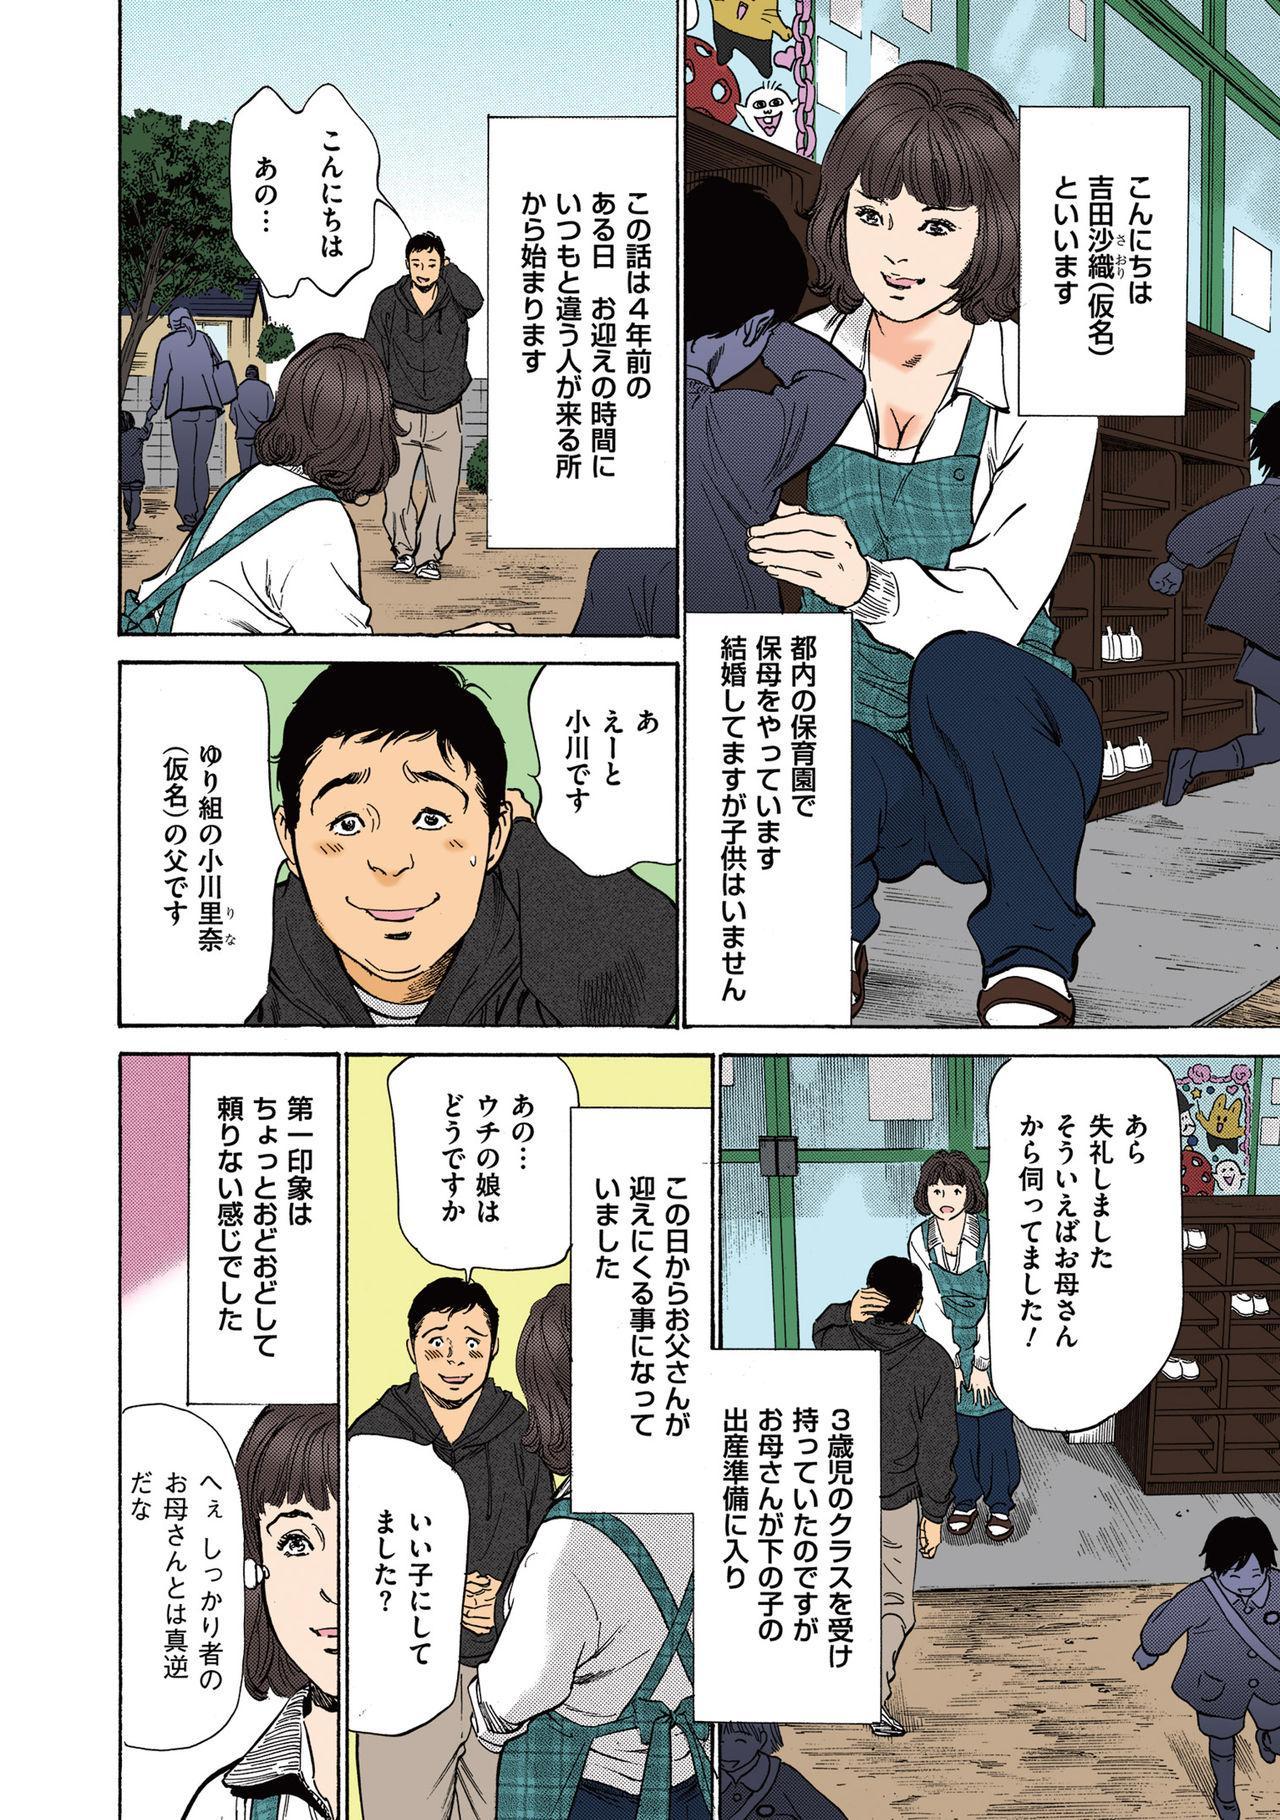 [Hazuki Kaoru] Hazuki Kaoru no Tamaranai Hanashi (Full Color Version) 2-1 21